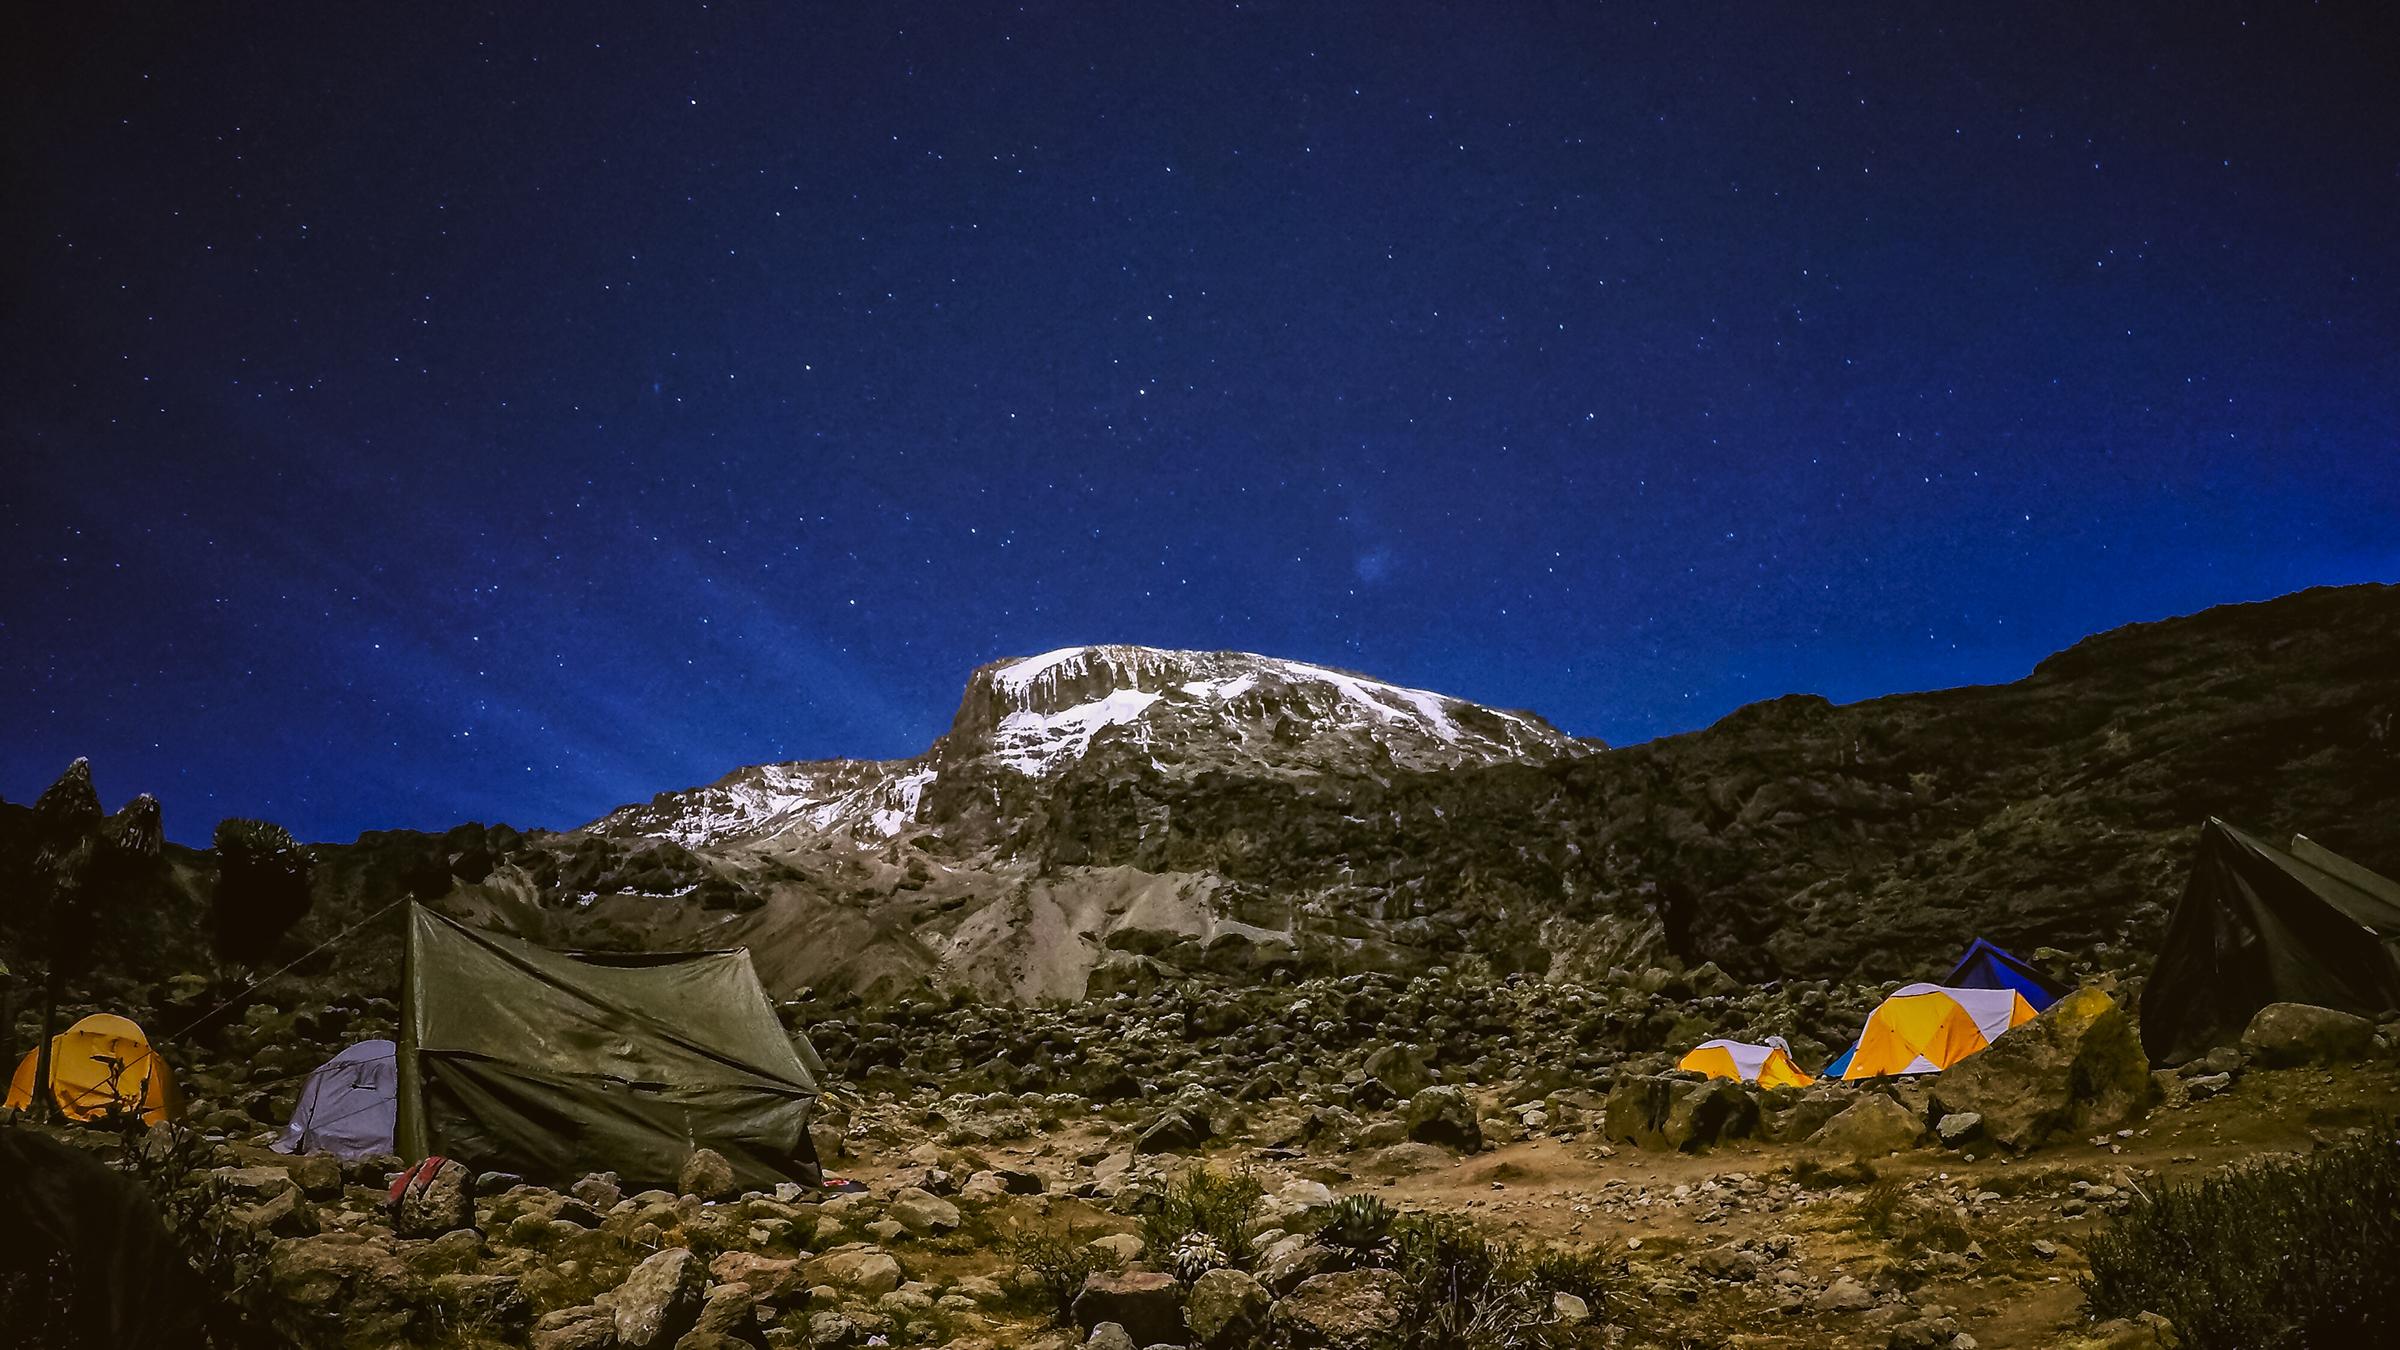 Kilimanjaro: Hết ngày dài lại đêm thâu, chúng ta đi leo núi Phi châu - Ảnh 12.